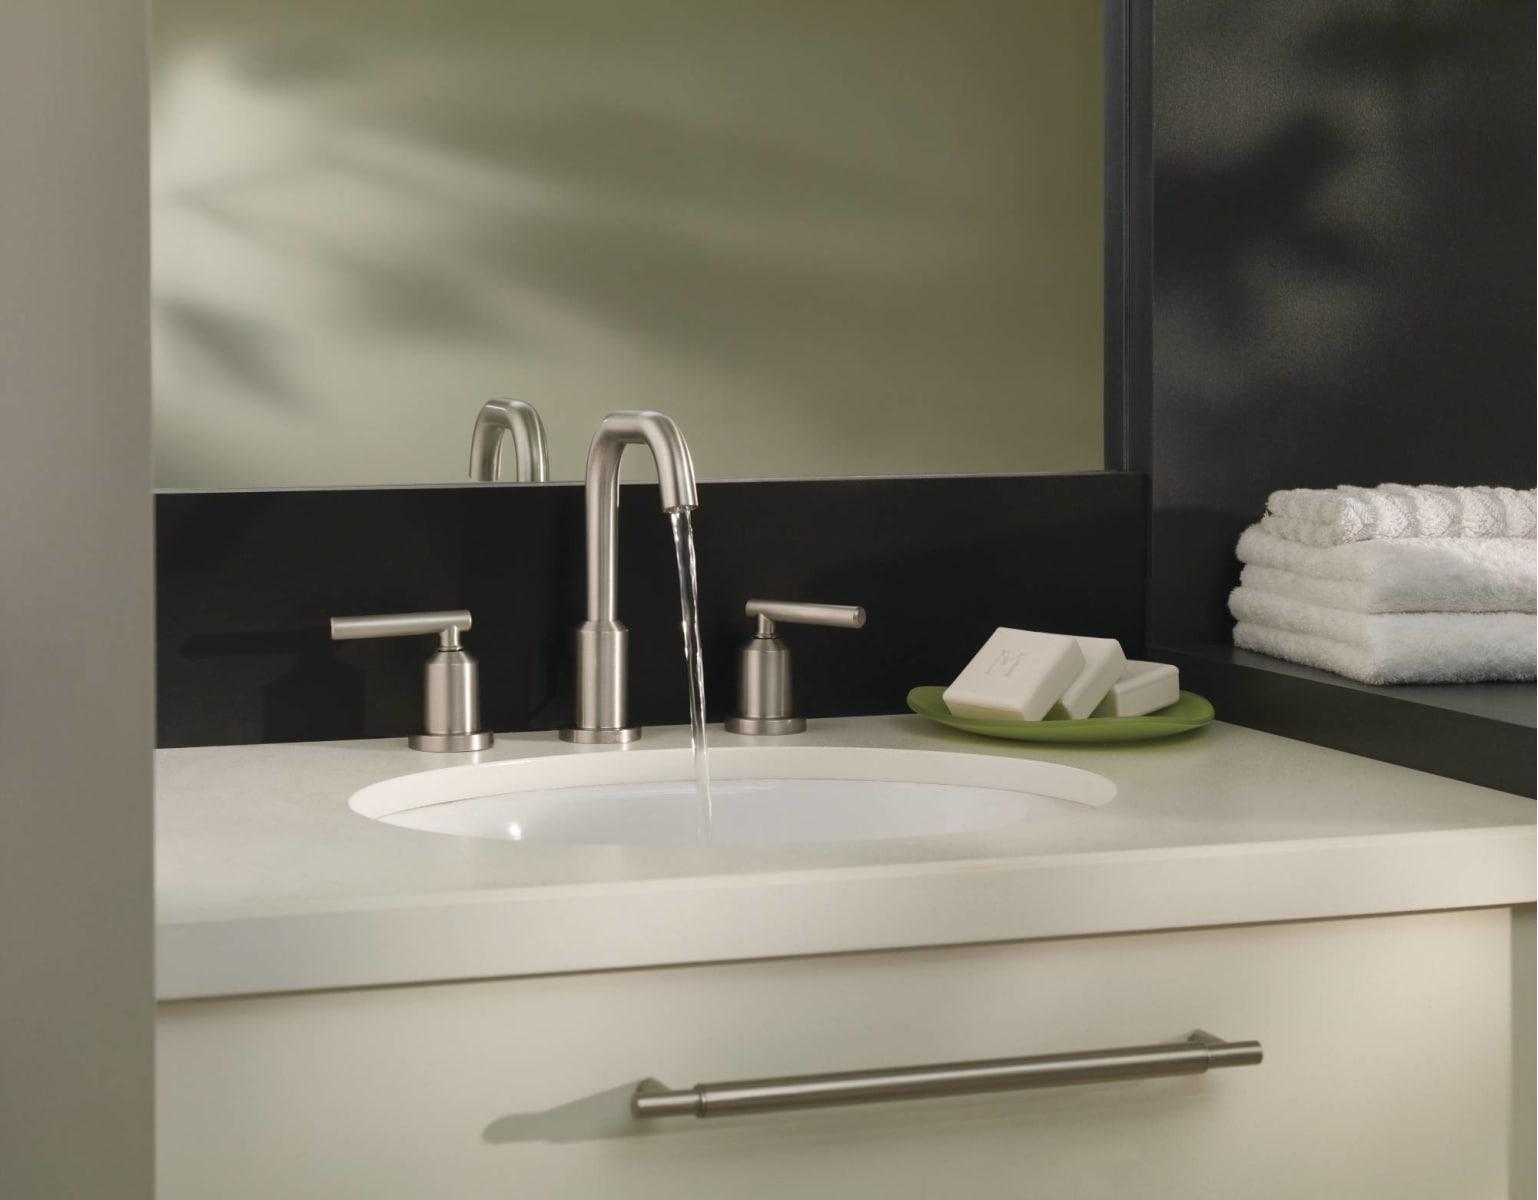 Moen 84229SRN Spot Resist Brushed Nickel Widespread Bathroom Faucet ...